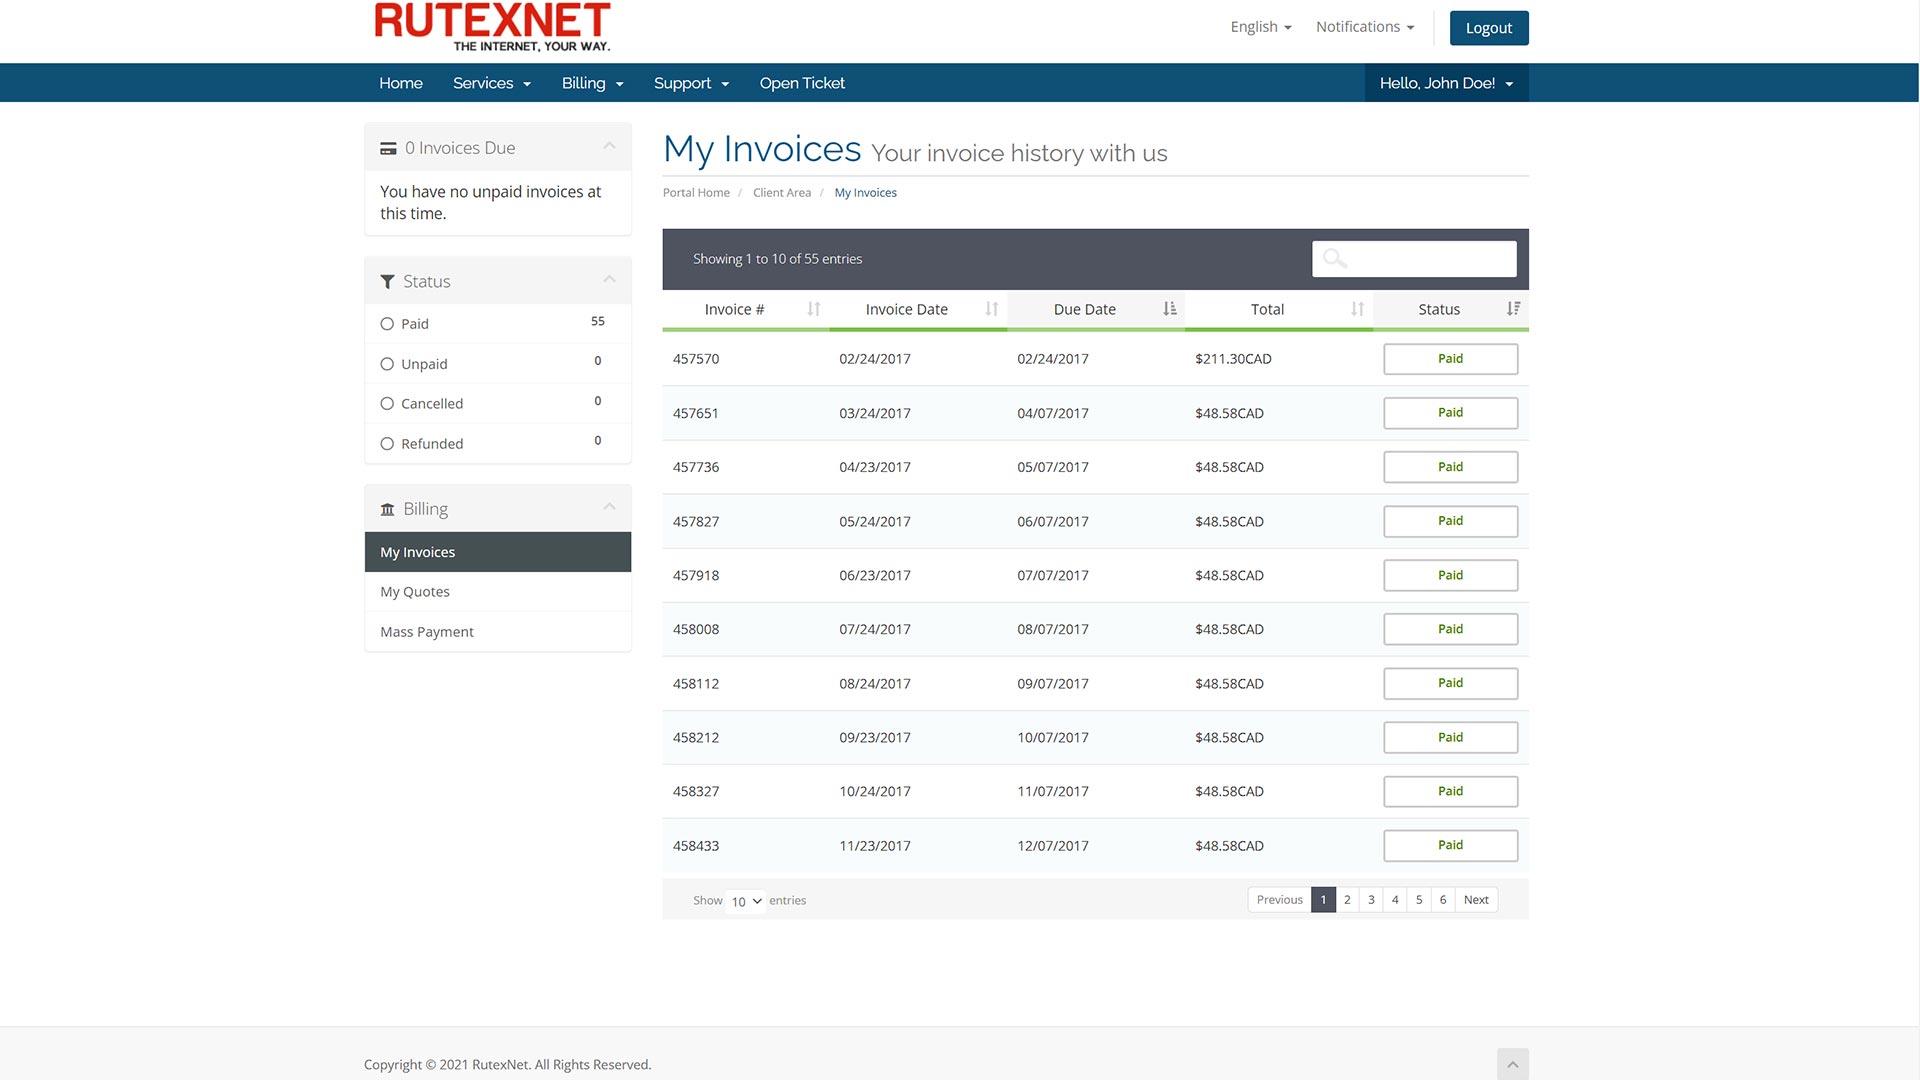 RutexNet-Clien-area-billing